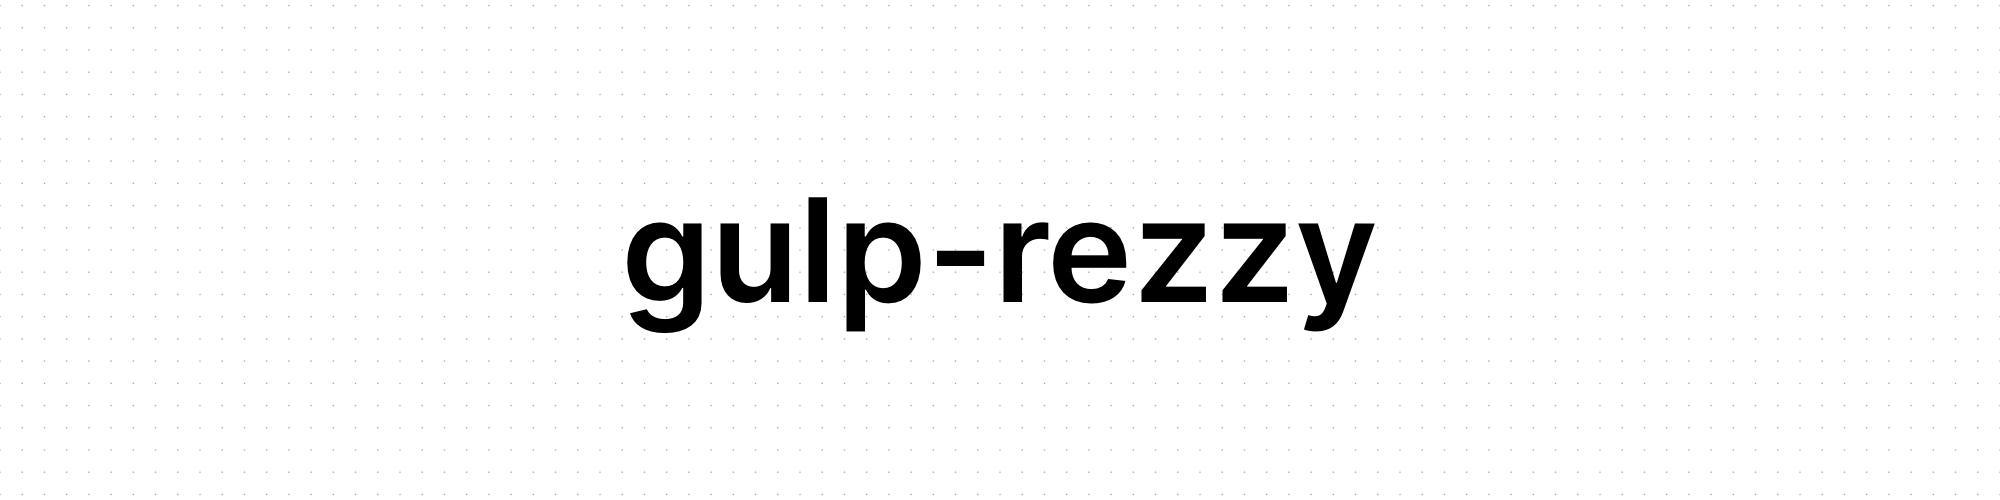 gulp-rezzy